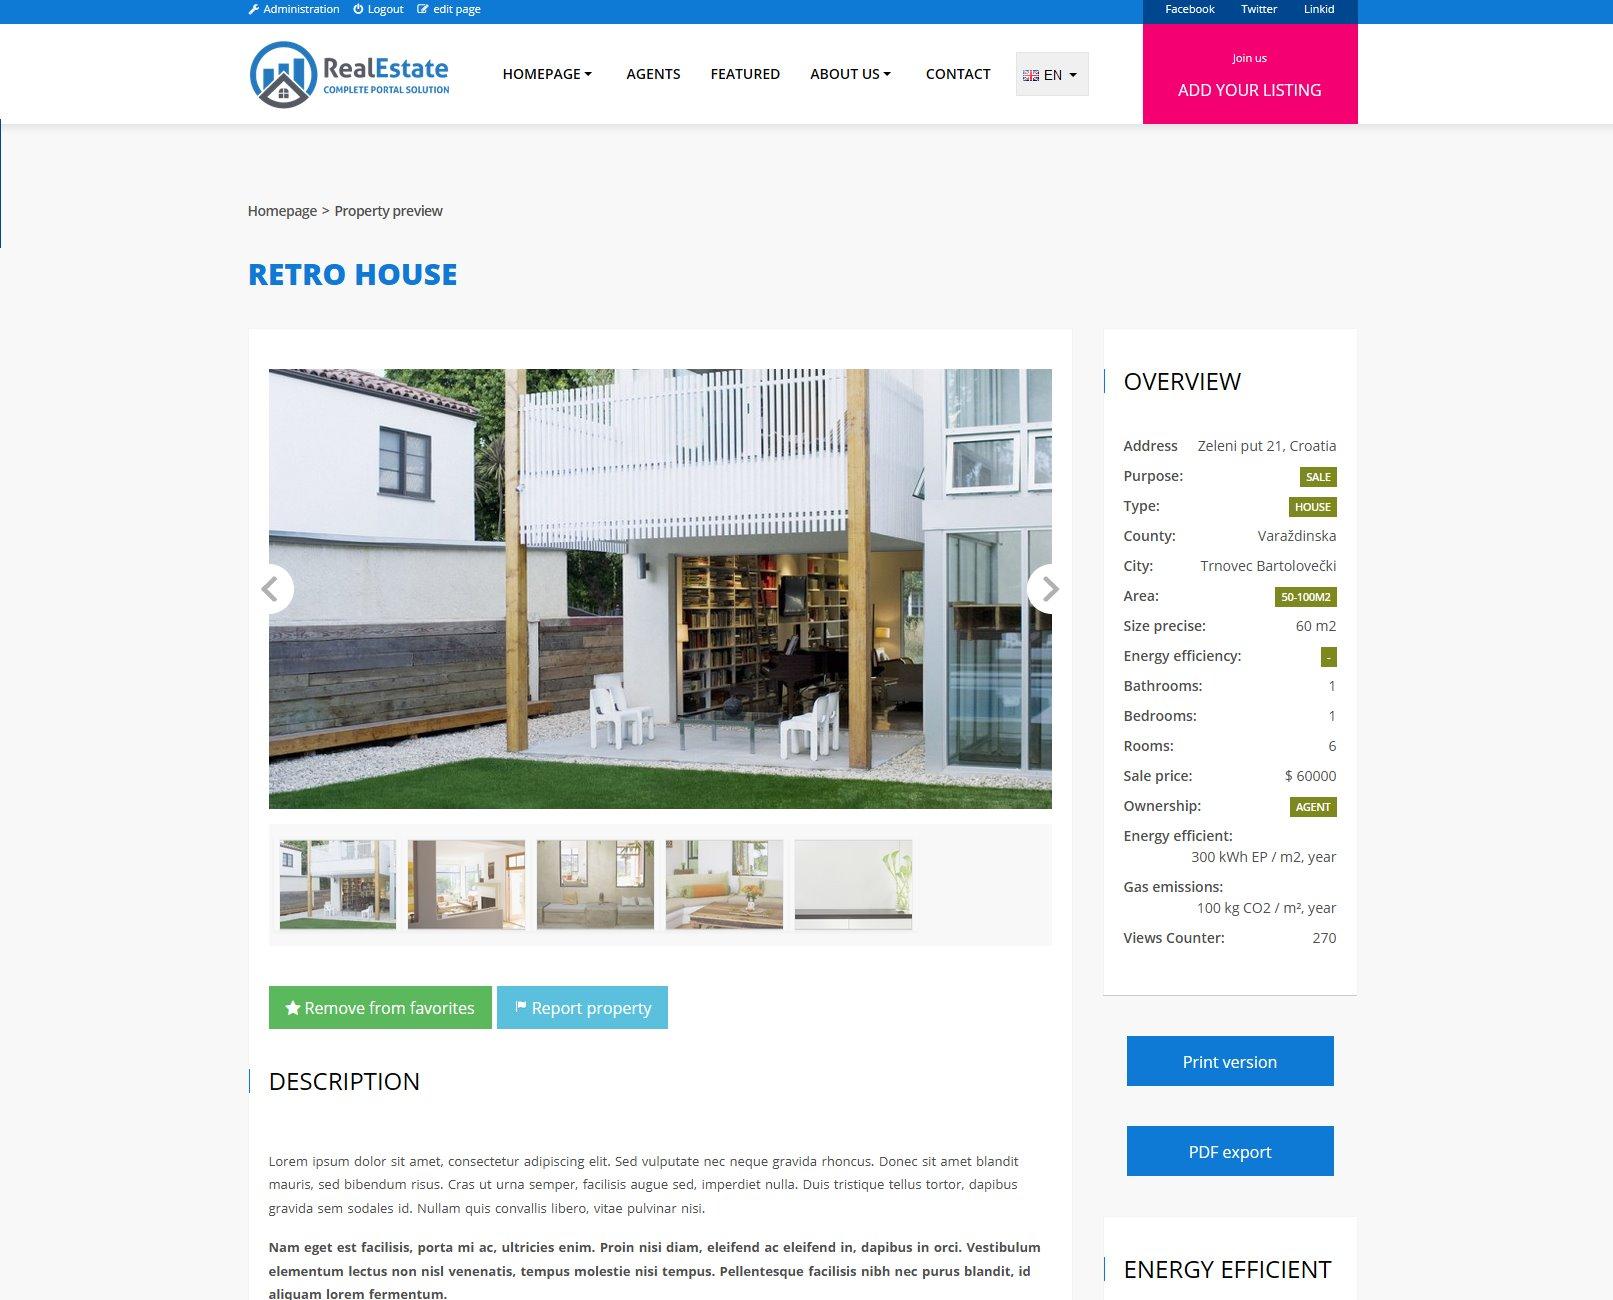 Agencia Imobiliária - Portal Geo Script